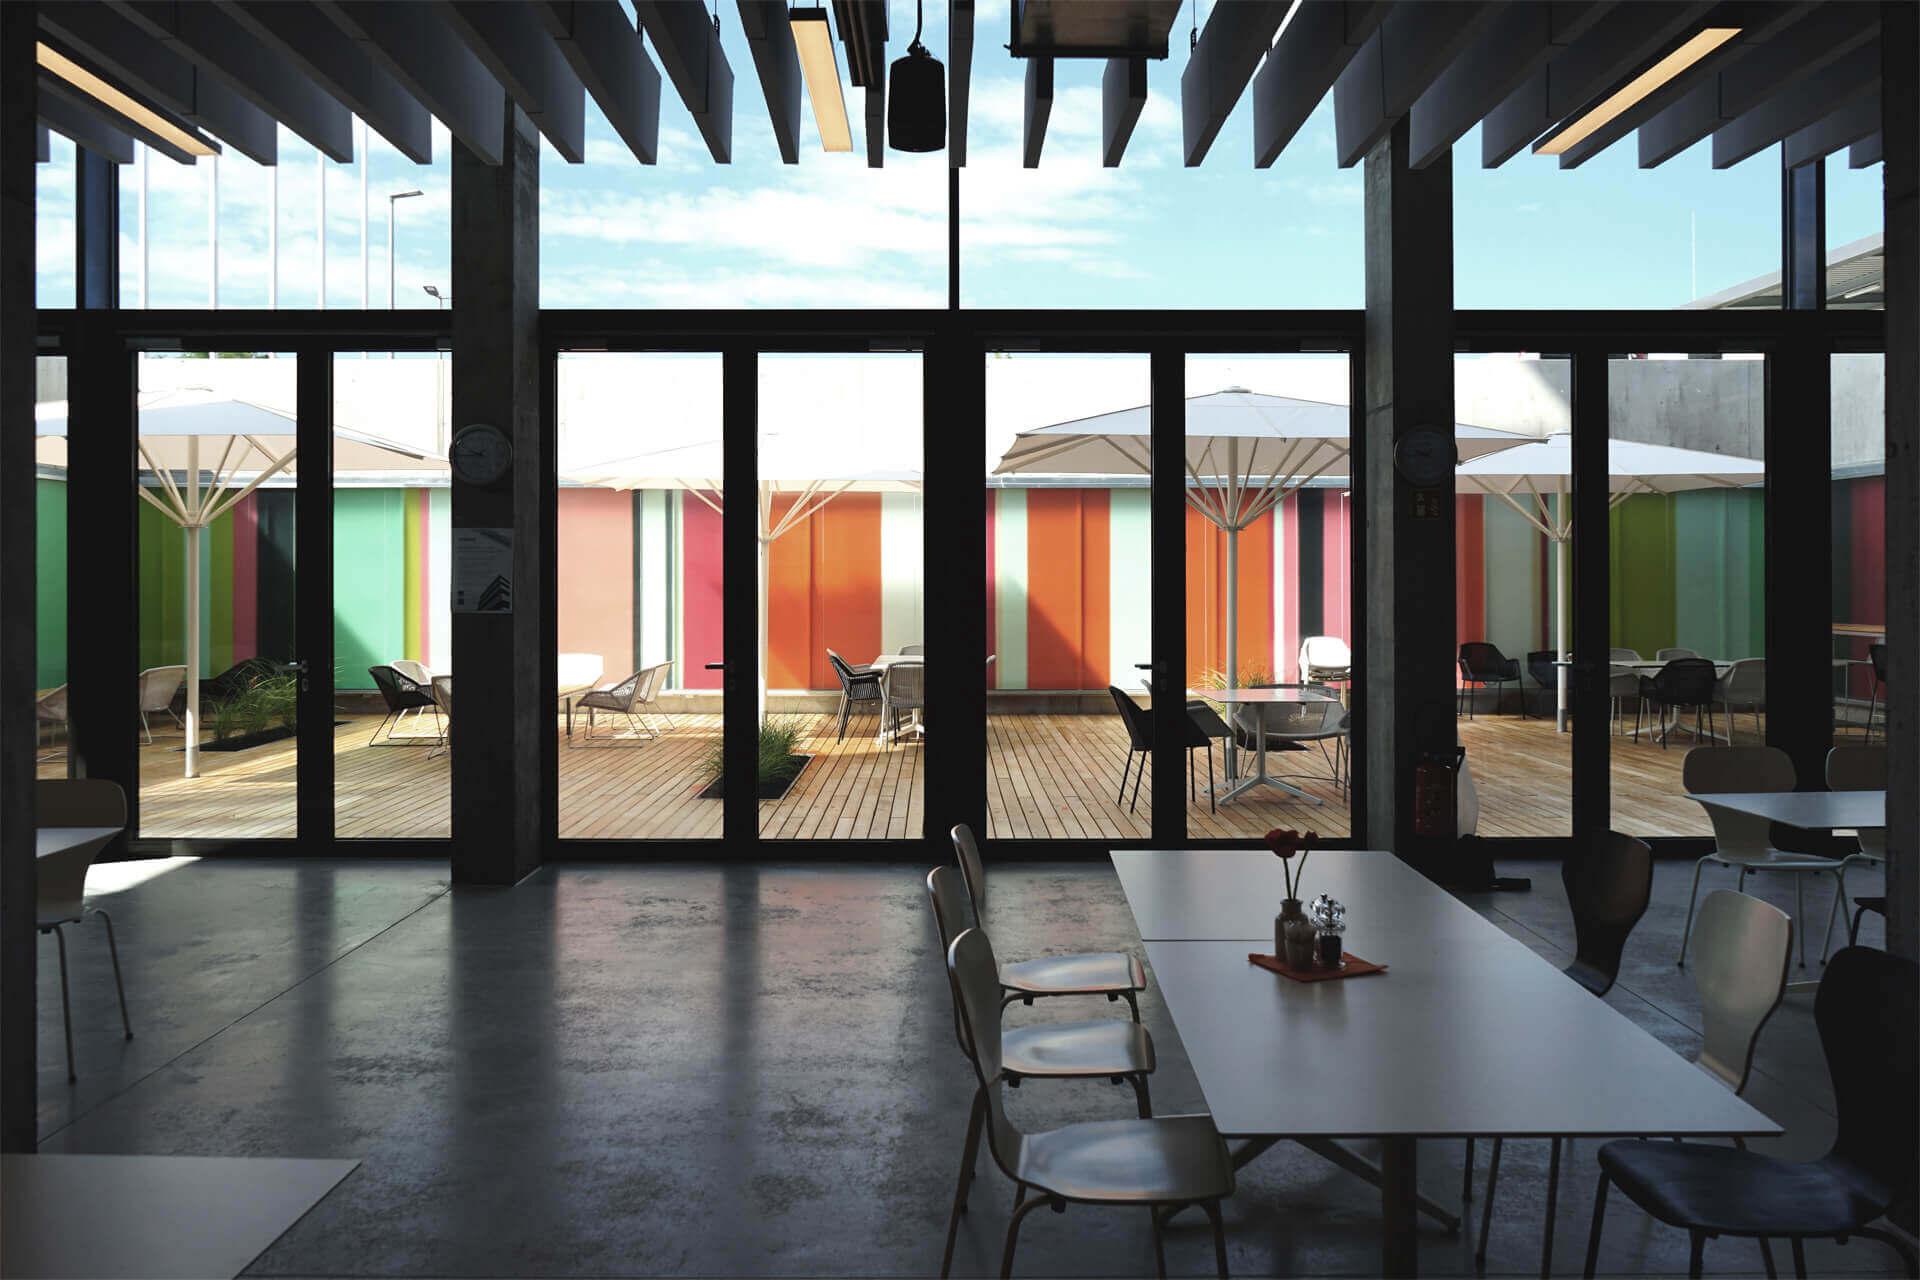 Croma_Headquarter_Architekturprojekt_farbgestaltung_ingo_nussbaumer_querkraft_Wien